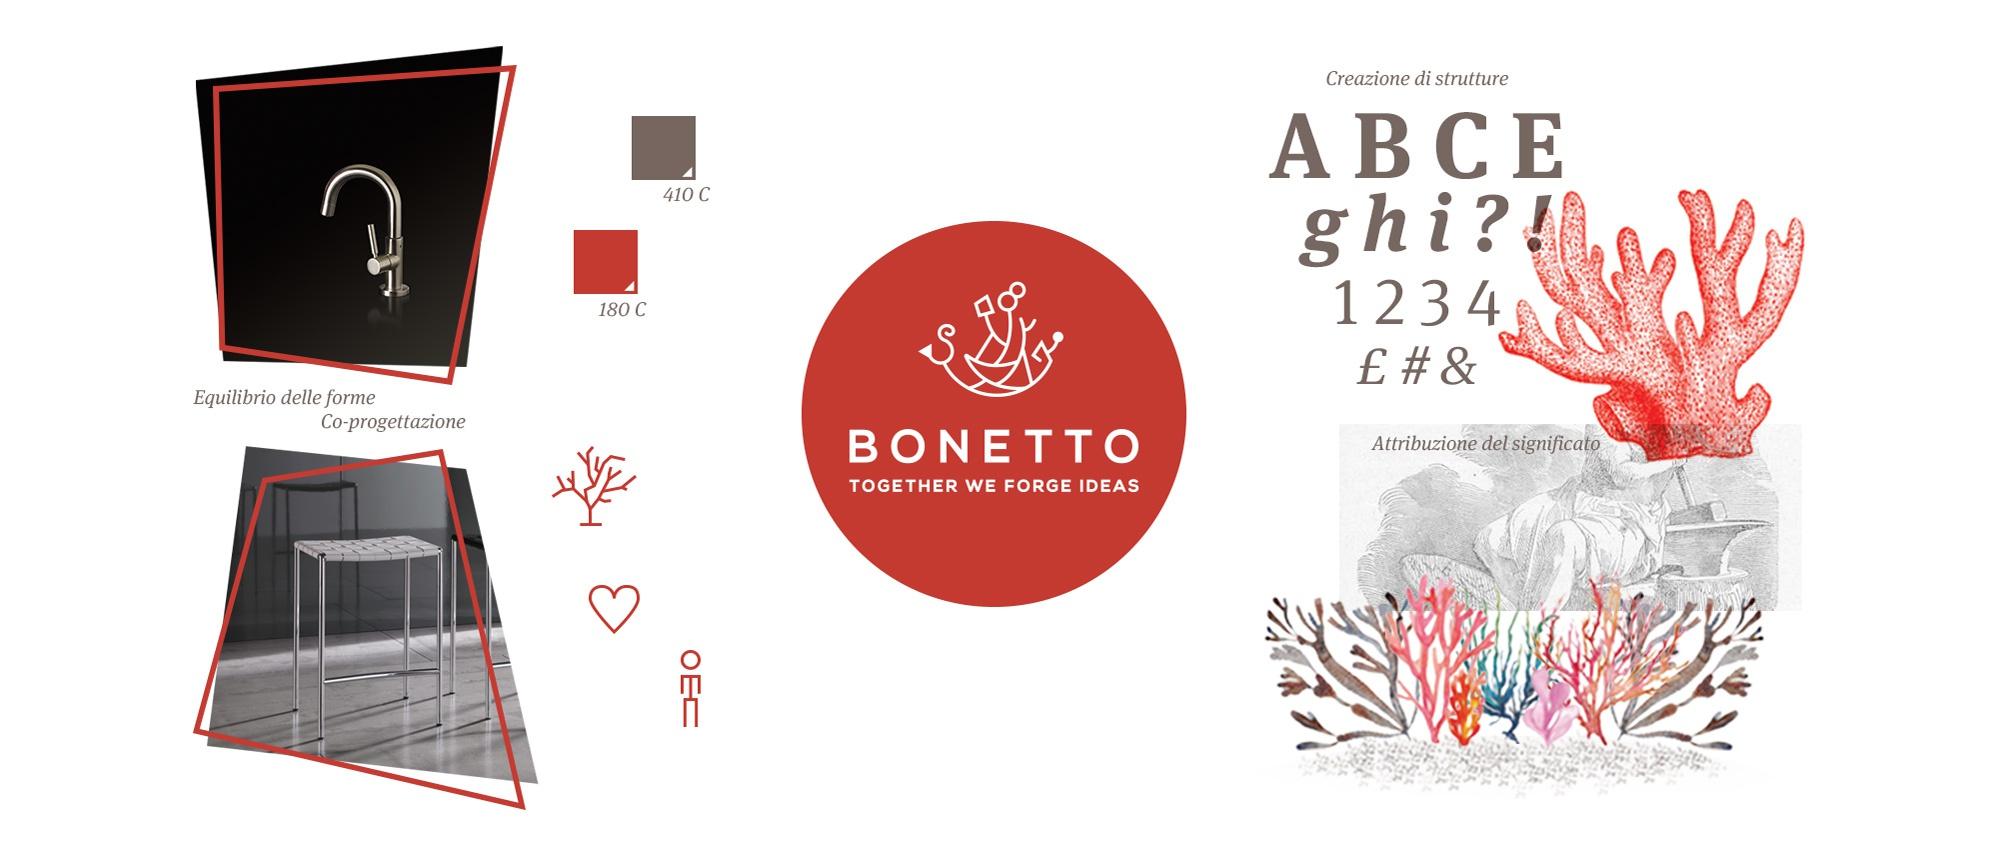 Creazione del marchio e della tavola stilistica della comunicazione aziendale per Bonetto